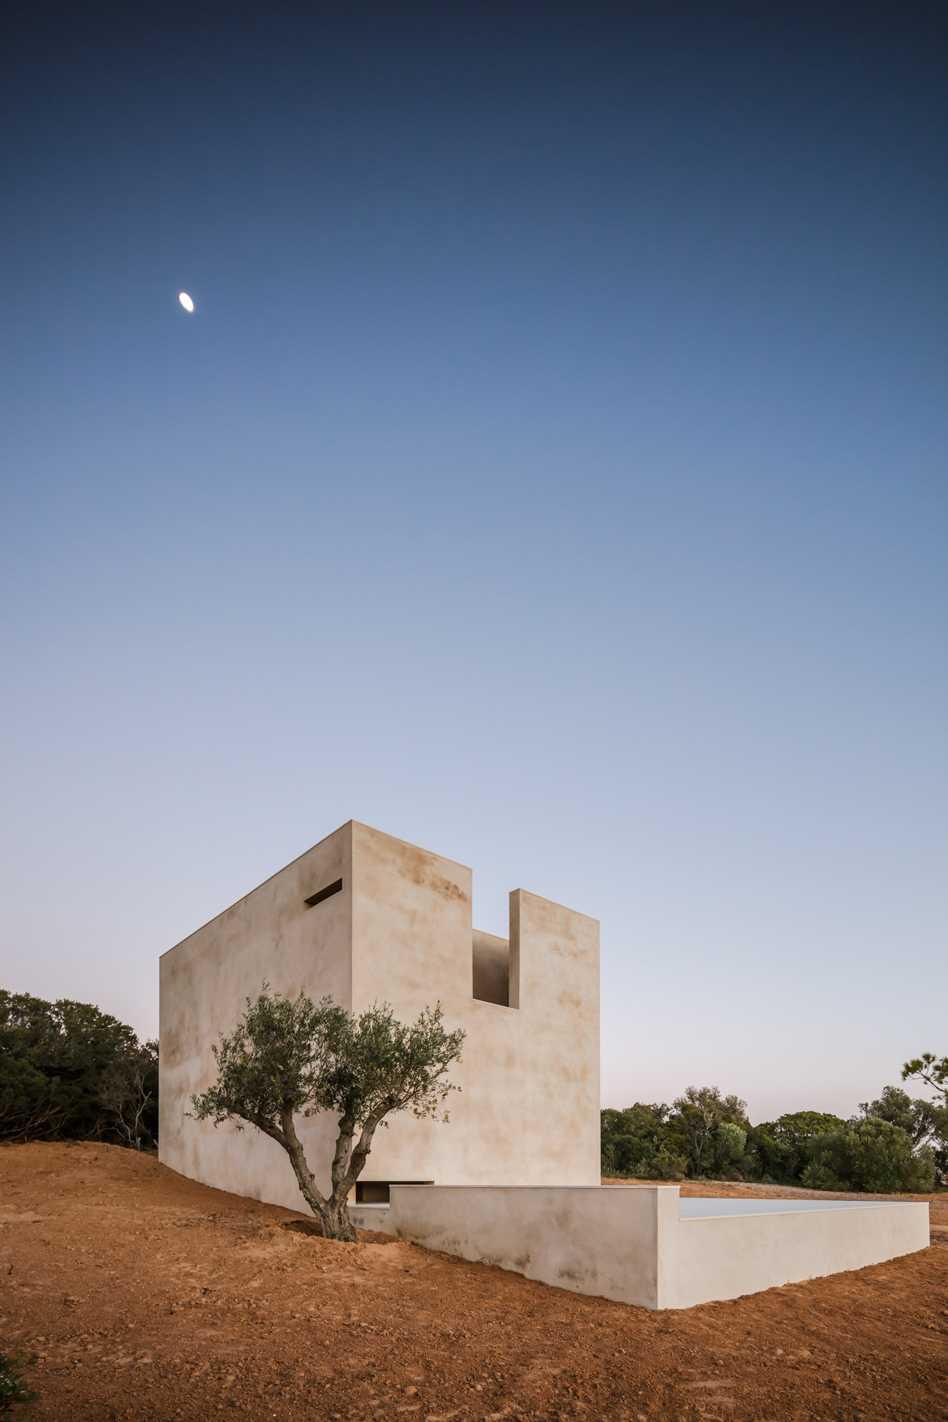 La Capela do Monte  - 4 9.2 53